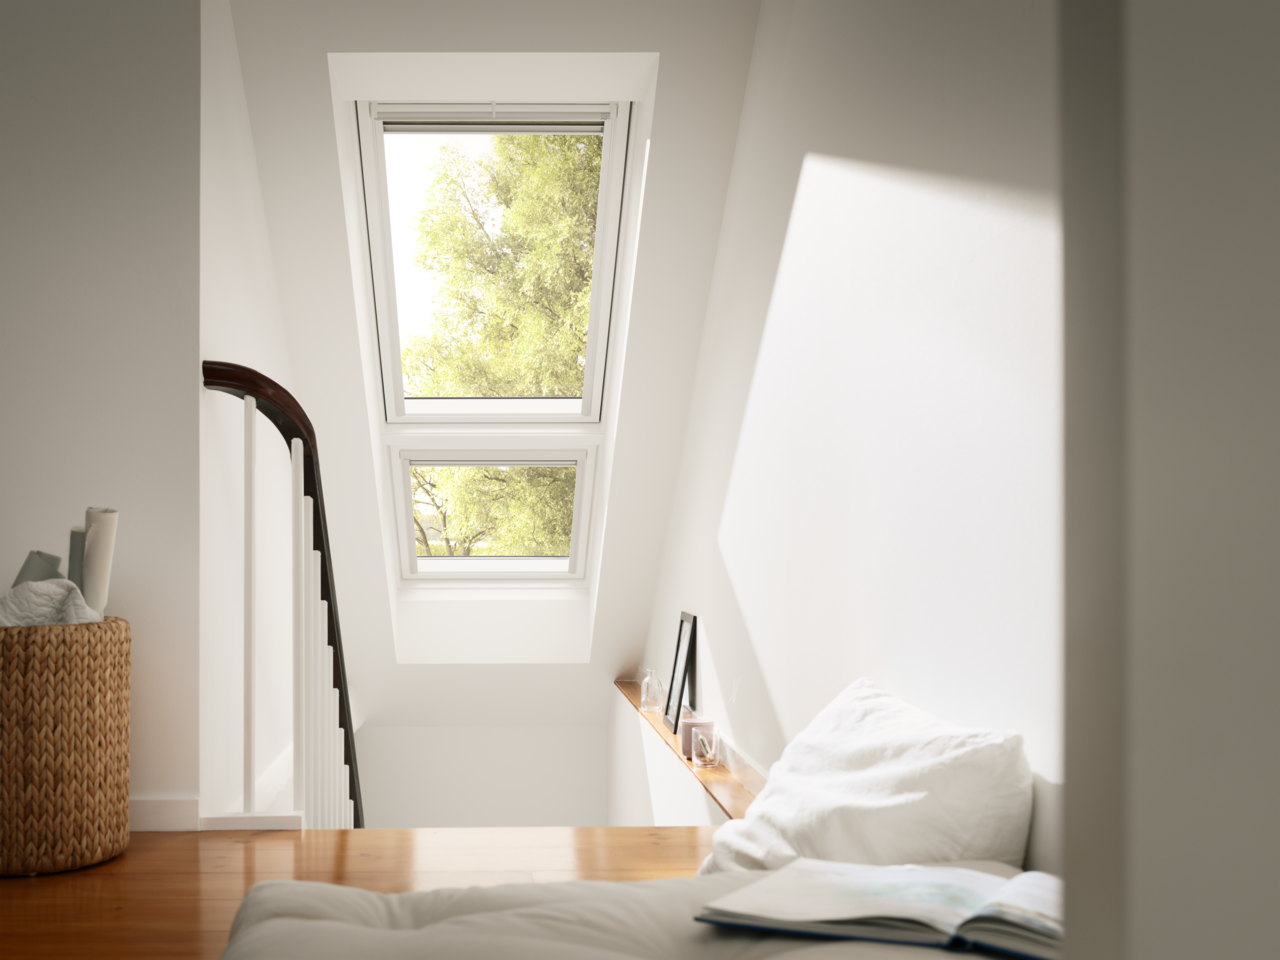 Materiali e finiture delle finestre velux - Finestre velux per tetti ...